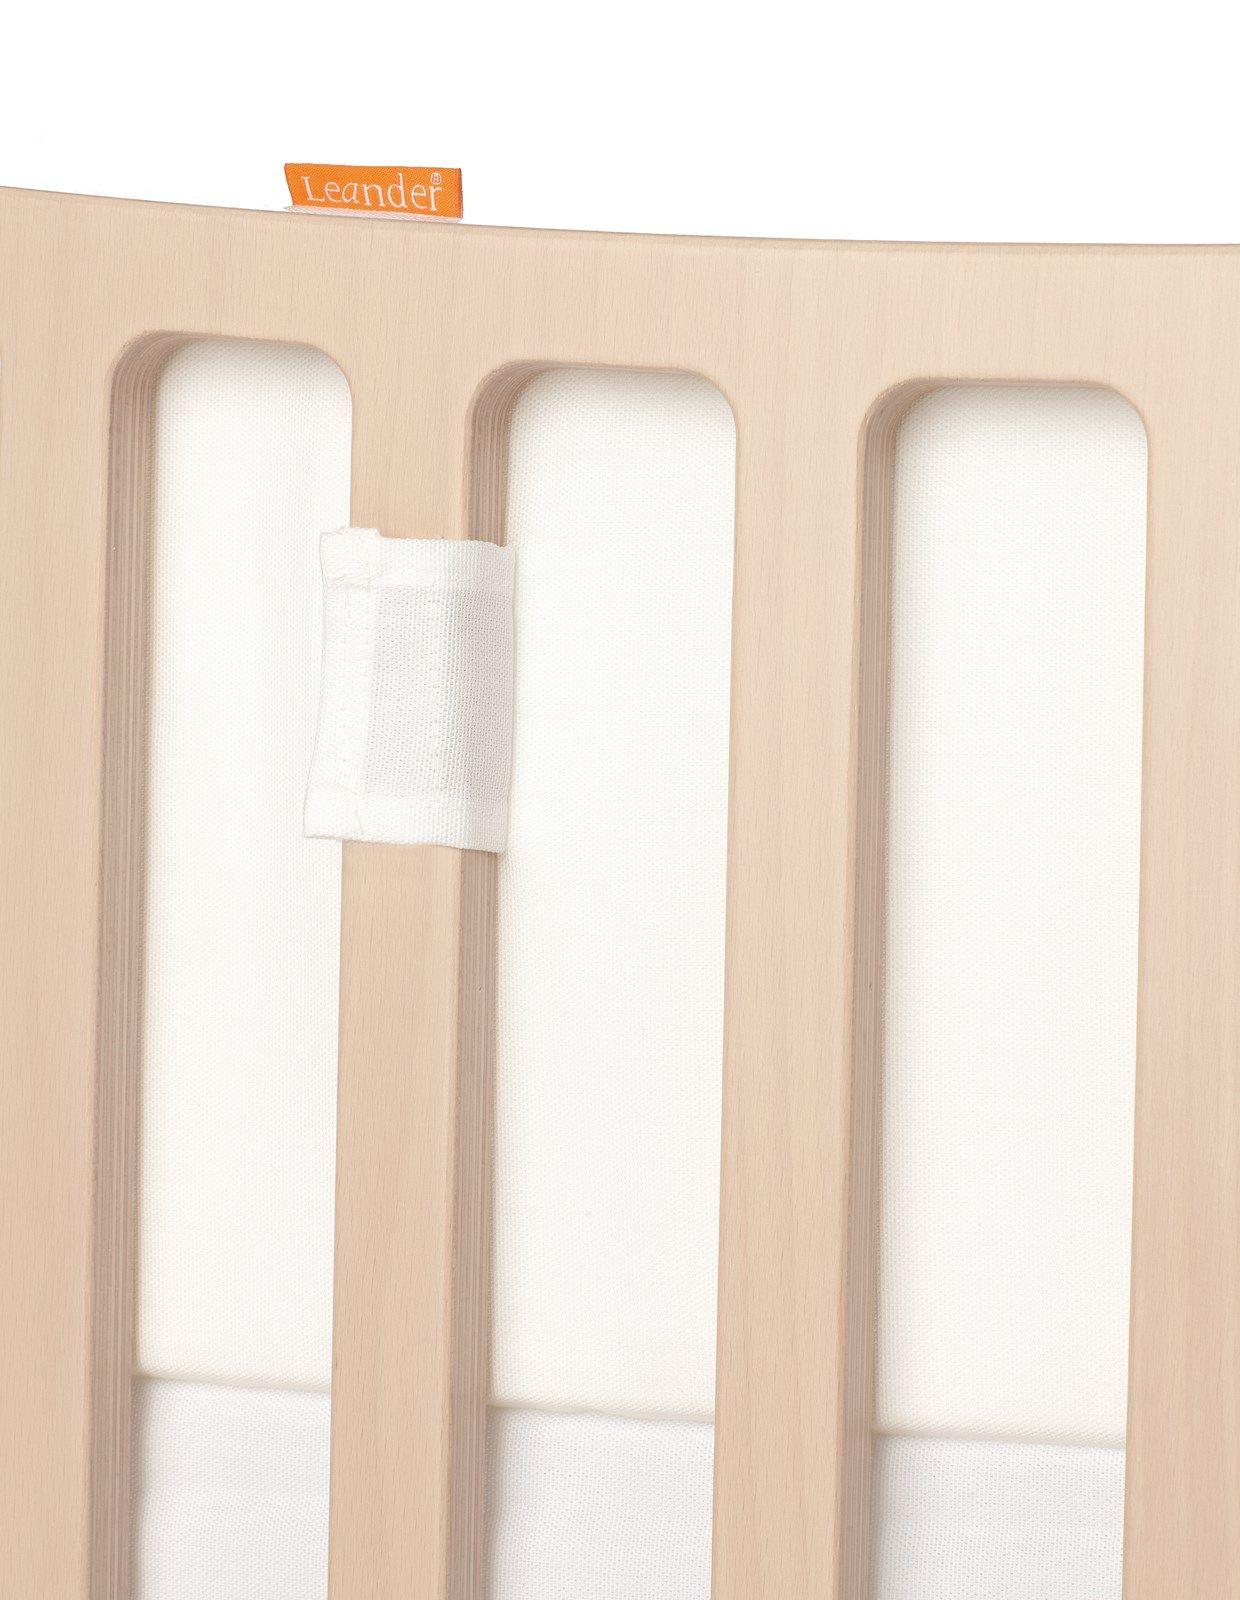 Tour de lit pour lit évolutif LEANDER blanc détail